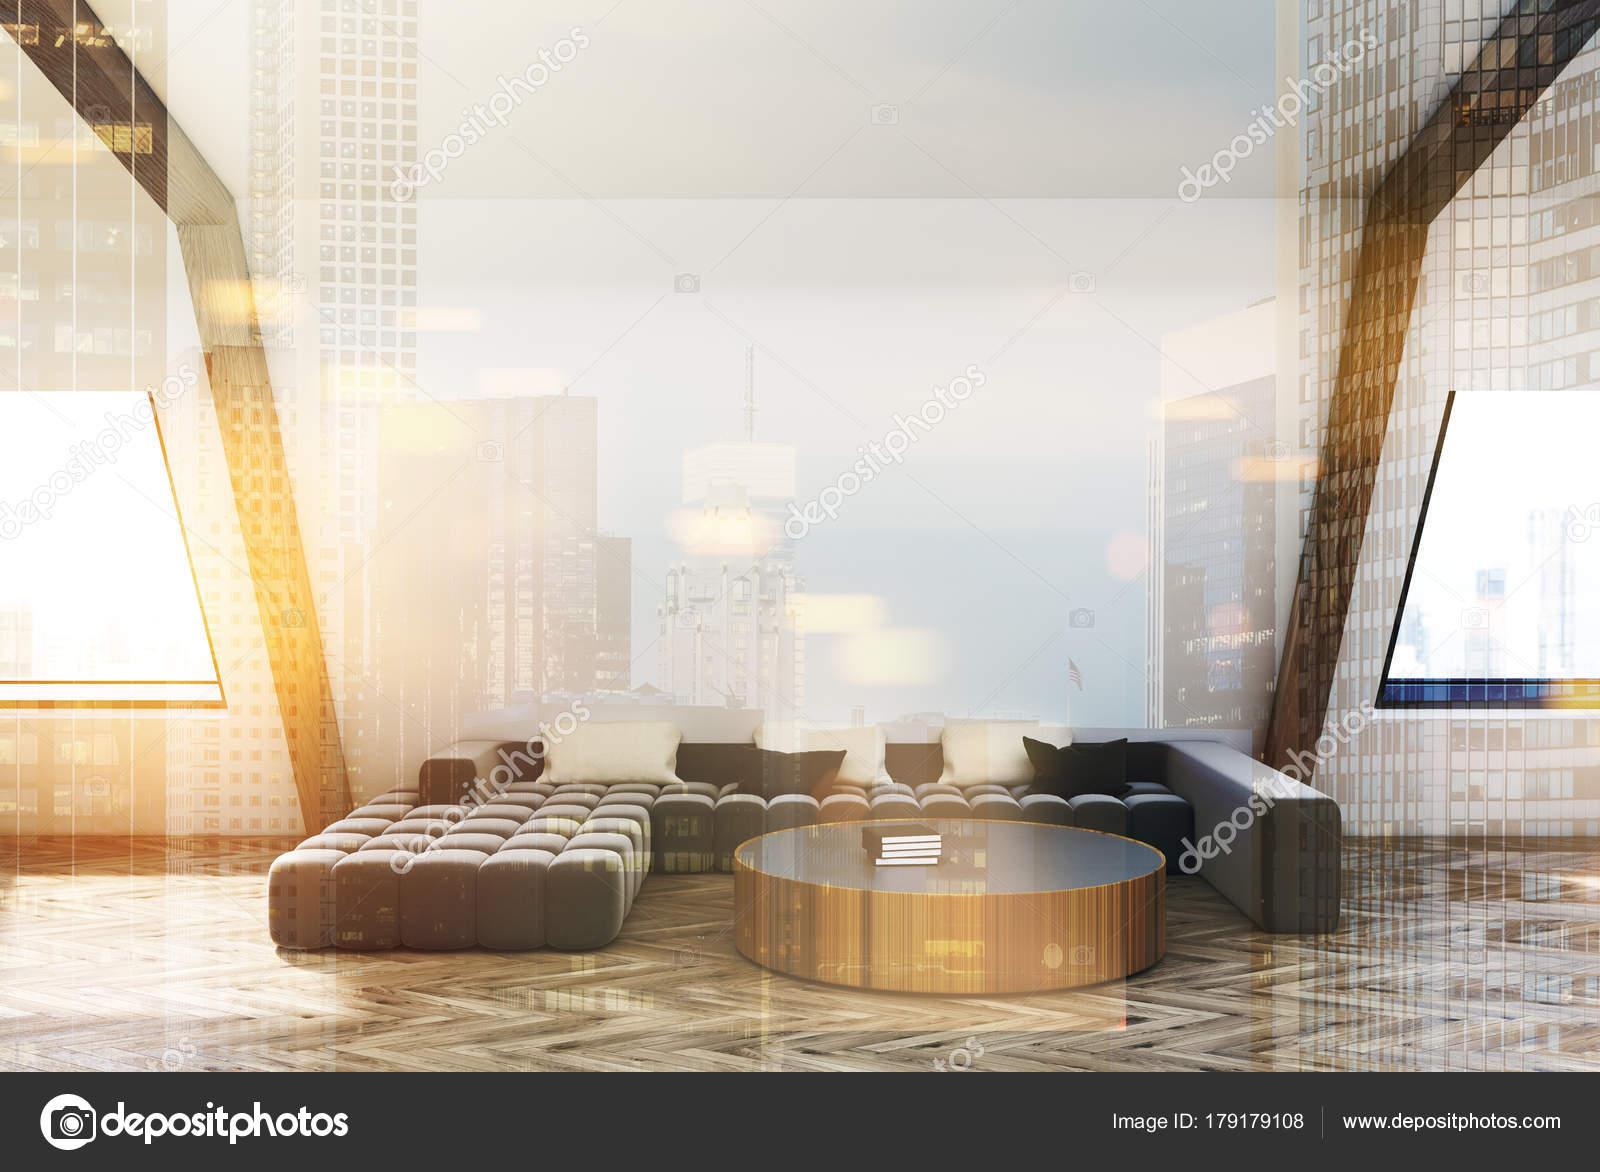 Woonkamer Op Zolder : Zolder woonkamer grijze bank koffietafel toned u2014 stockfoto